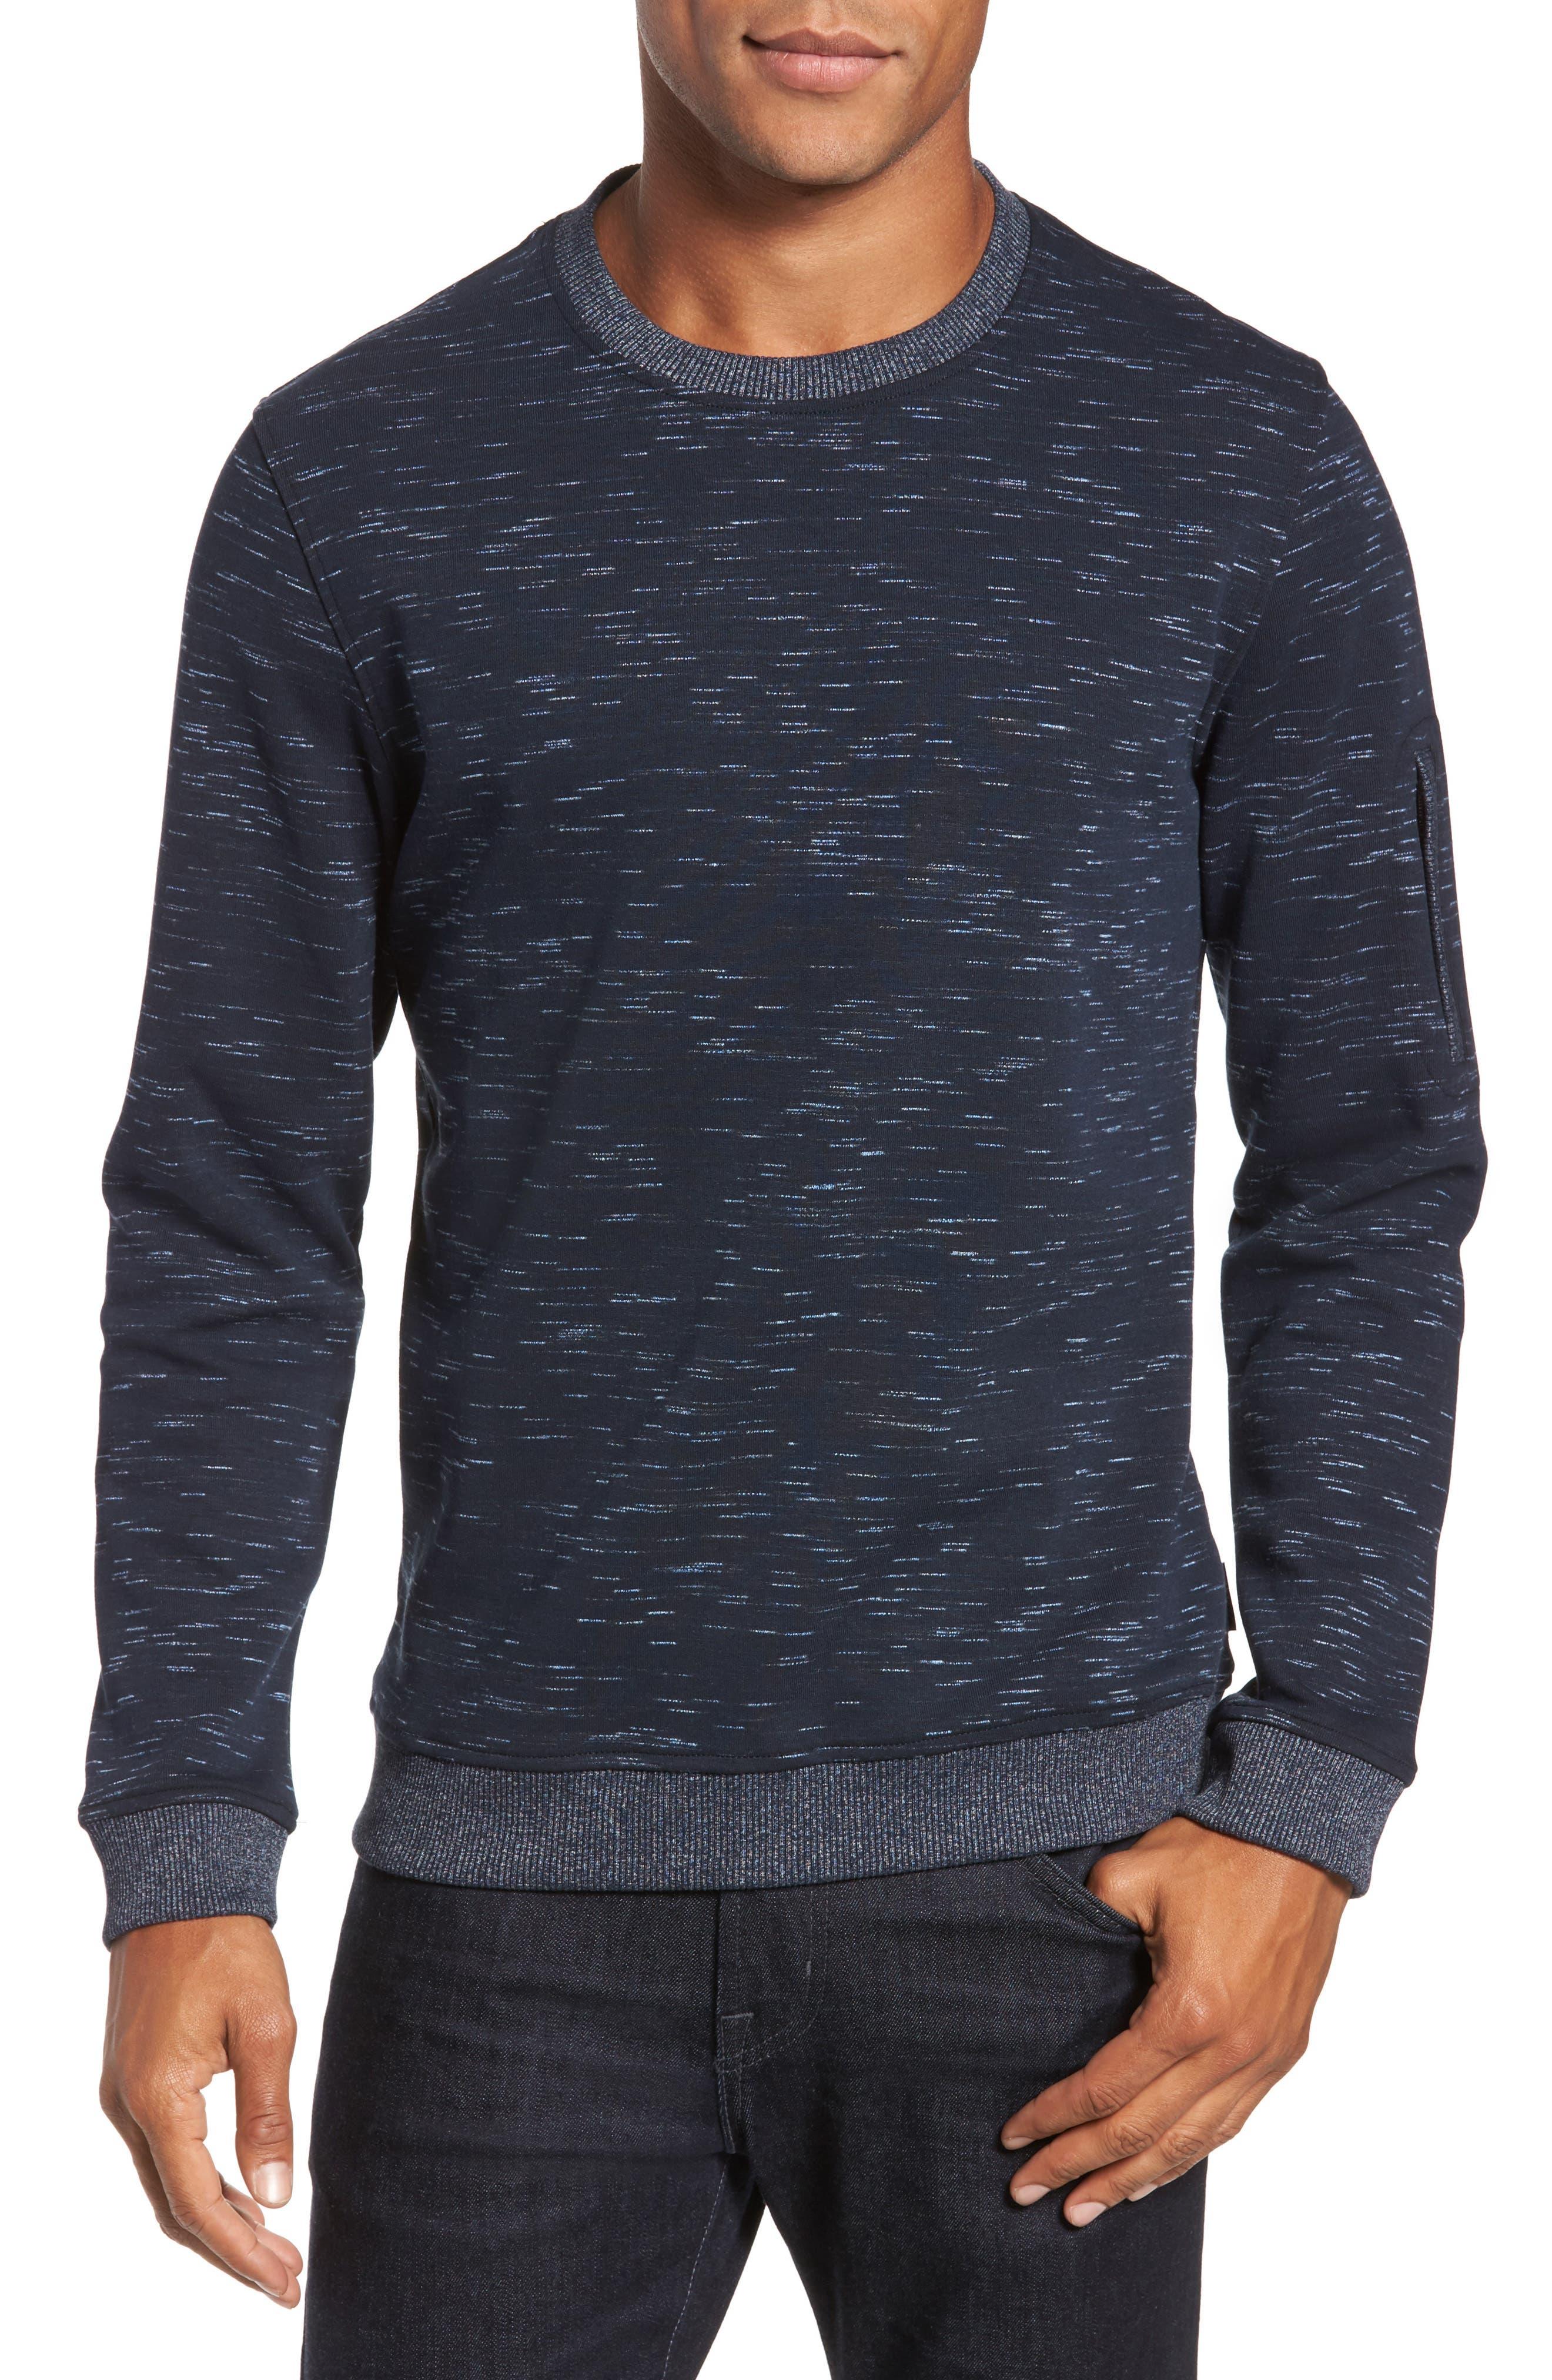 Bepay Jersey Sweatshirt,                             Main thumbnail 1, color,                             410